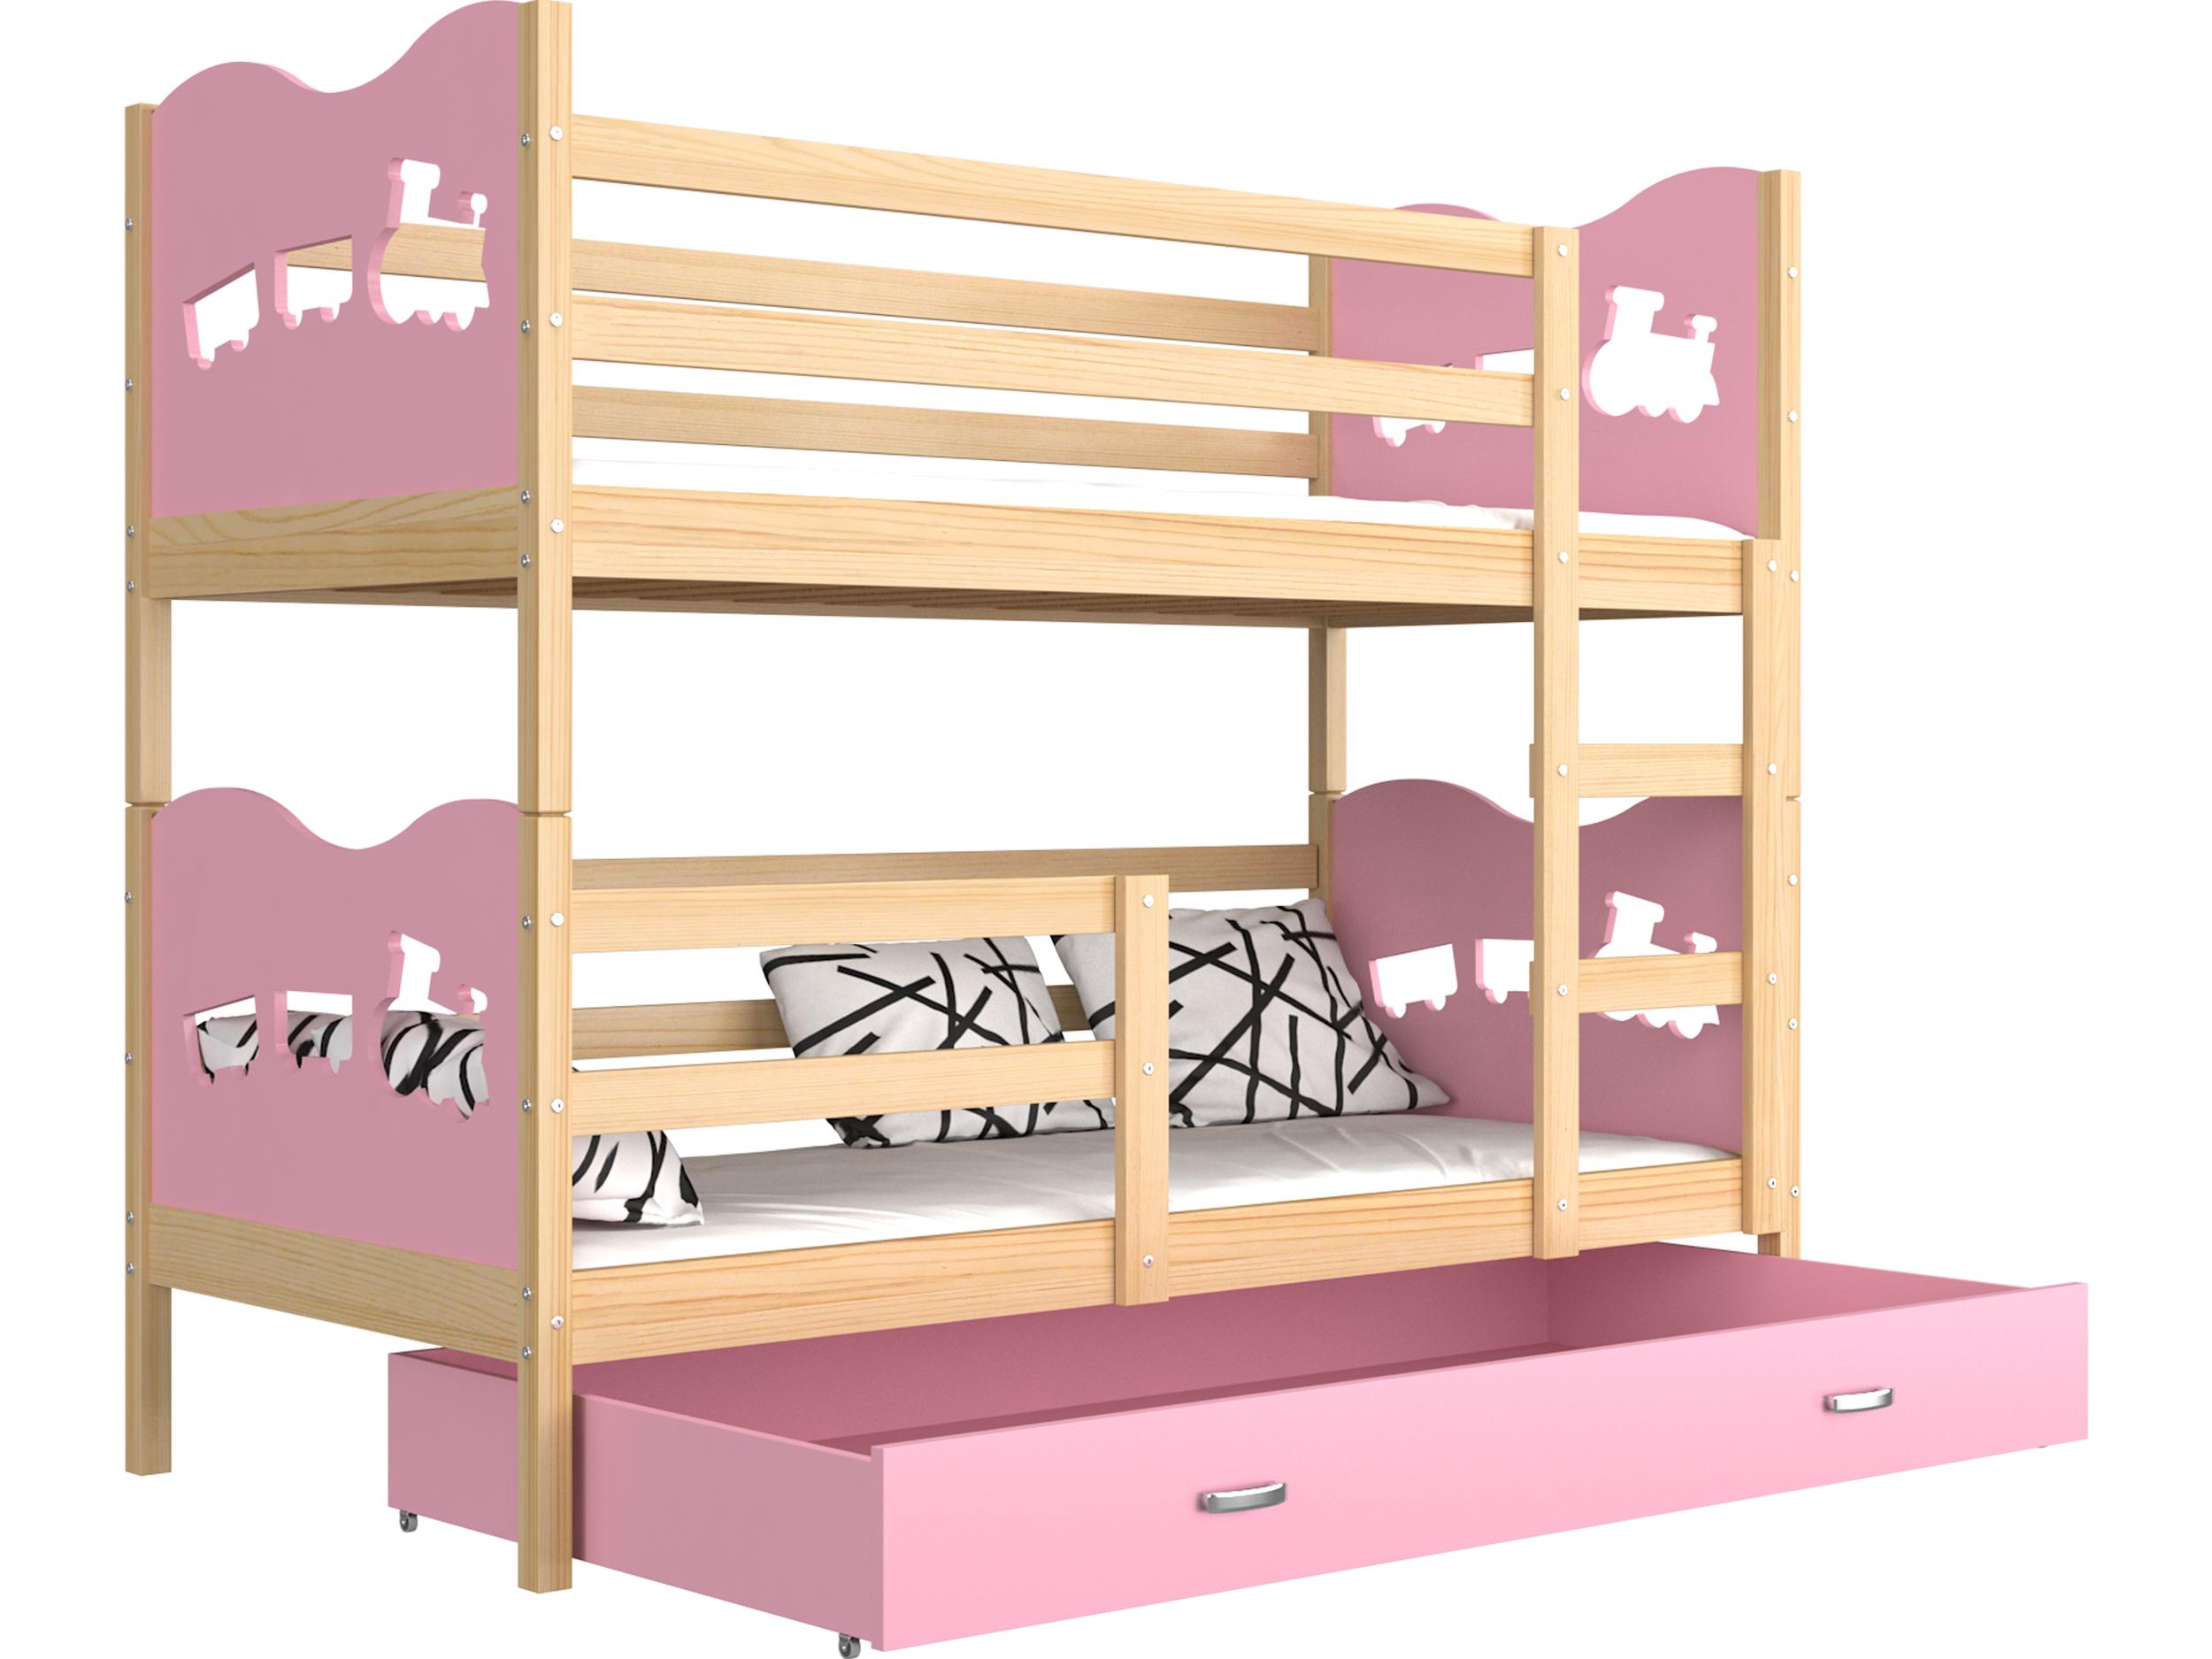 ArtAJ Detská poschodová posteľ MAX drevo / MDF 200 x 90 cm Farba: Borovica / ružová 200 x 90 cm, s matracom